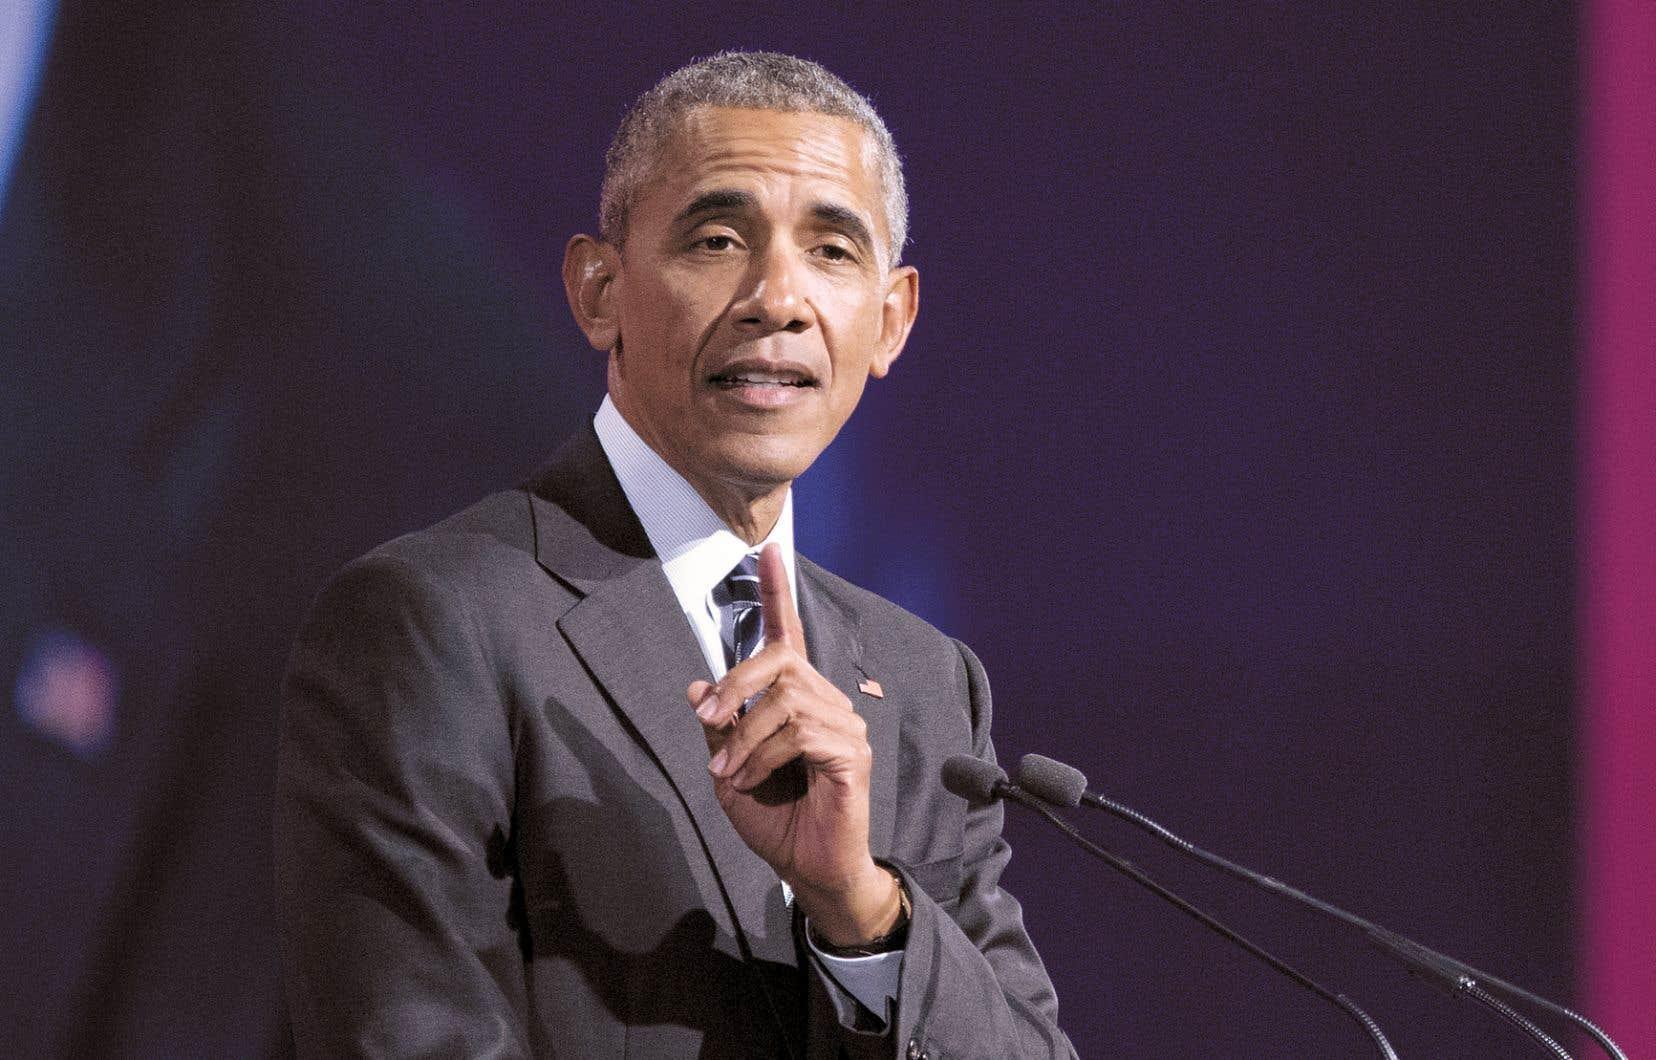 Barack Obama lors d'un précédent passage à Montréal, en juin 2017